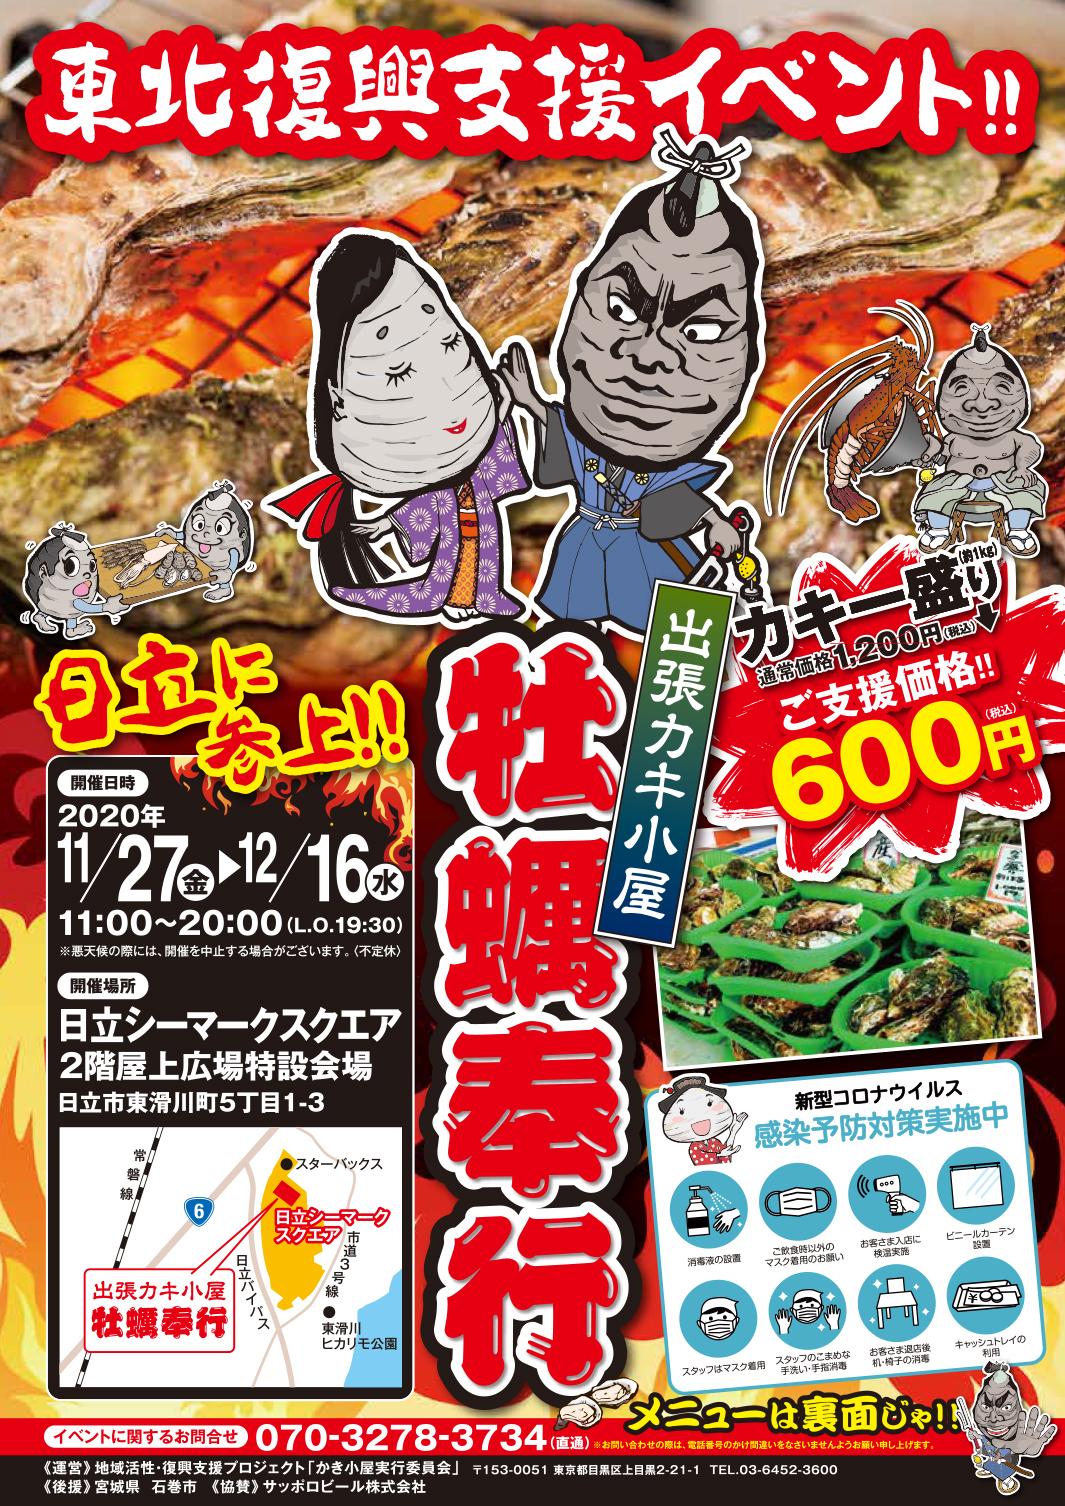 出張カキ小屋「牡蠣奉行」in 日立シーマークスクエア 2階屋上広場特設会場 2020年11月27日〜12月16日開催